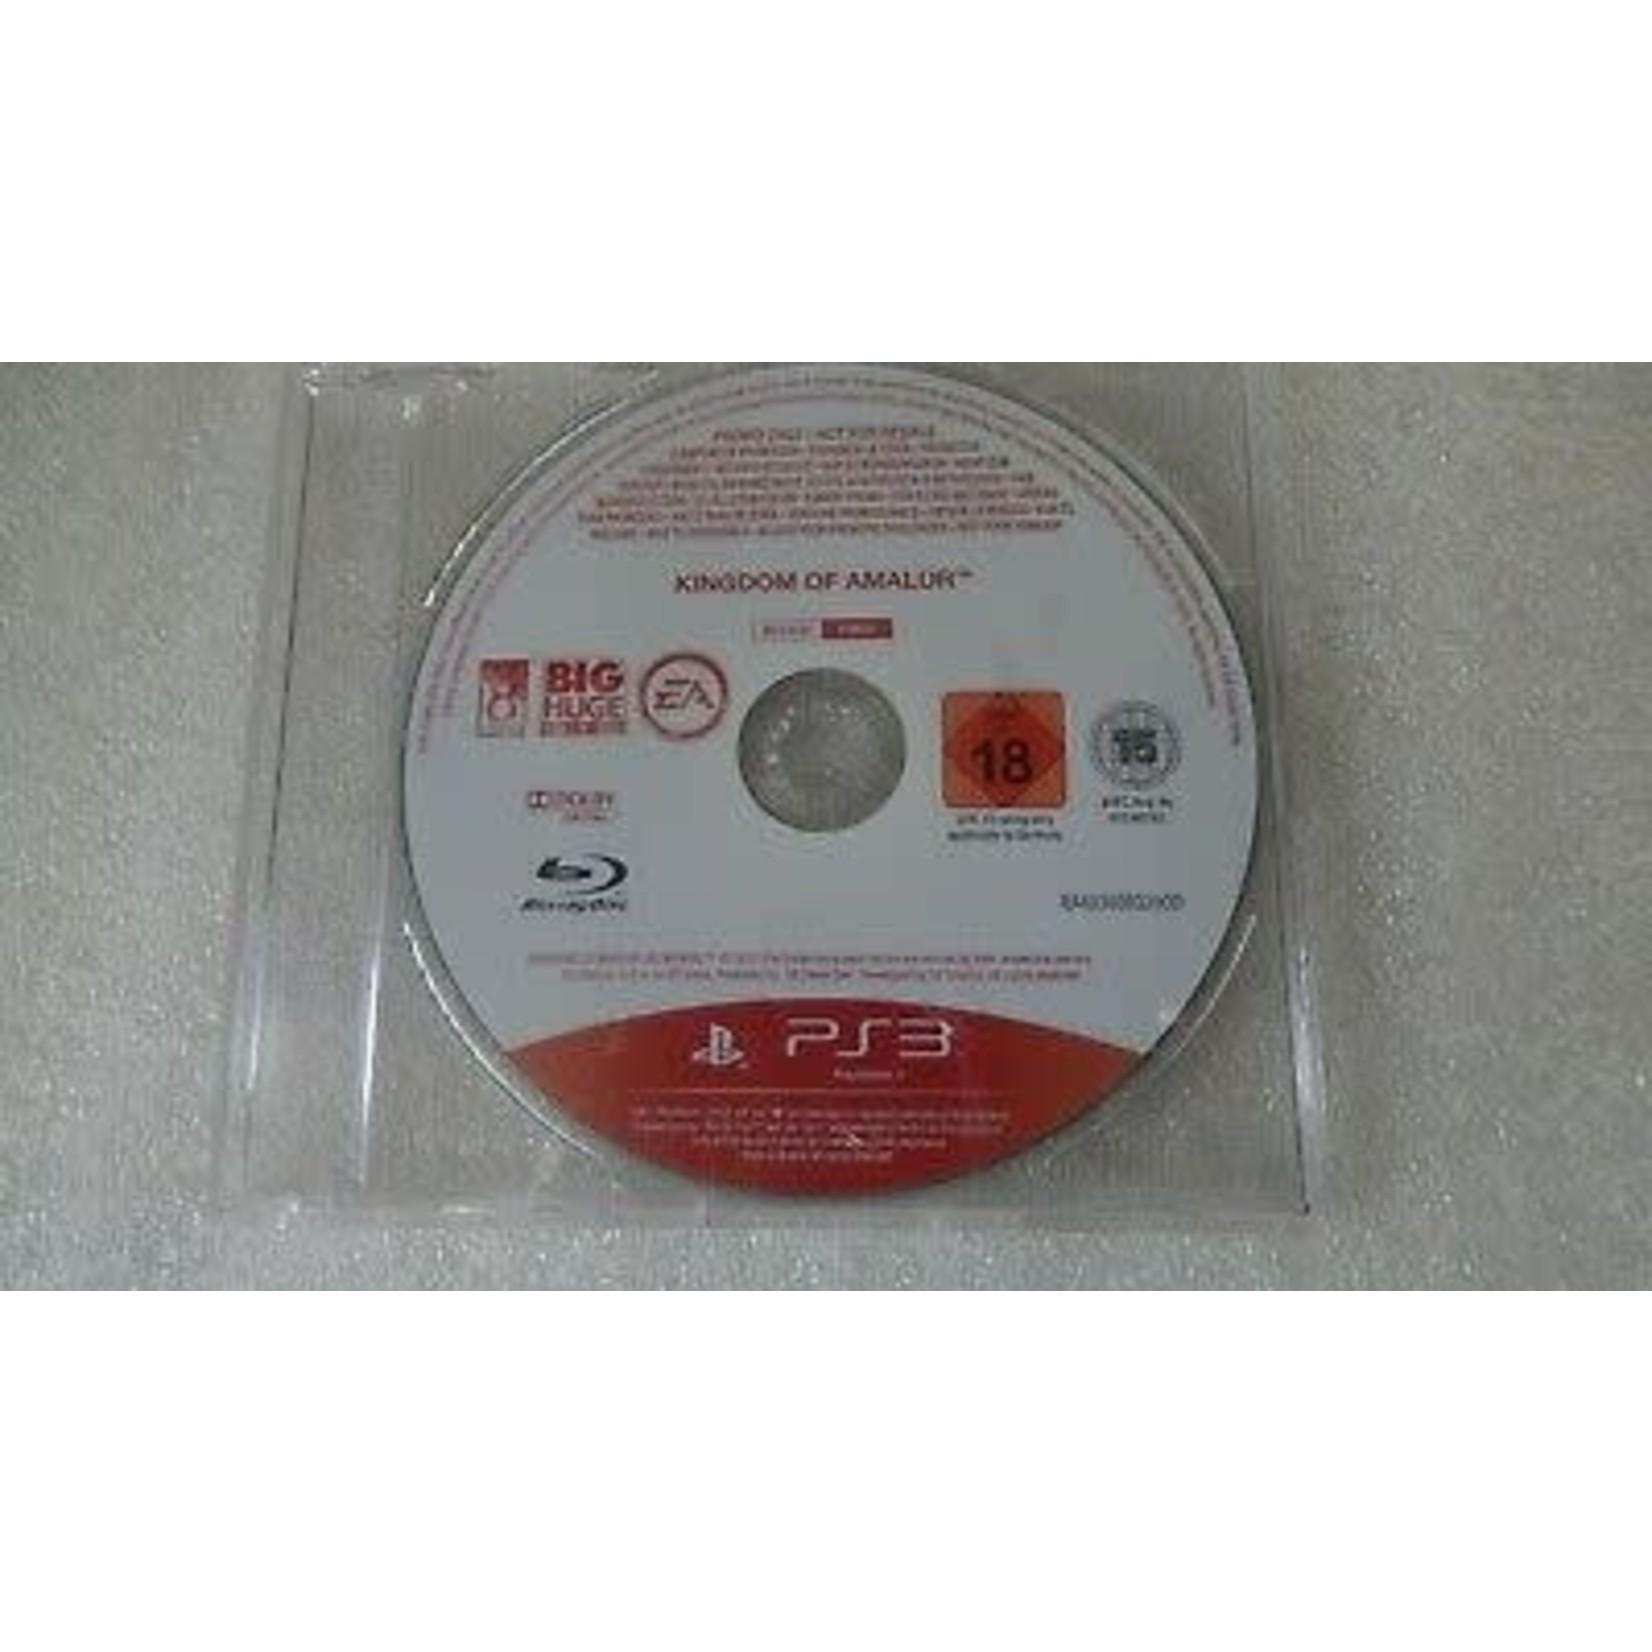 PS3U-Kingdom of Amalur (Rare Promo Disc)